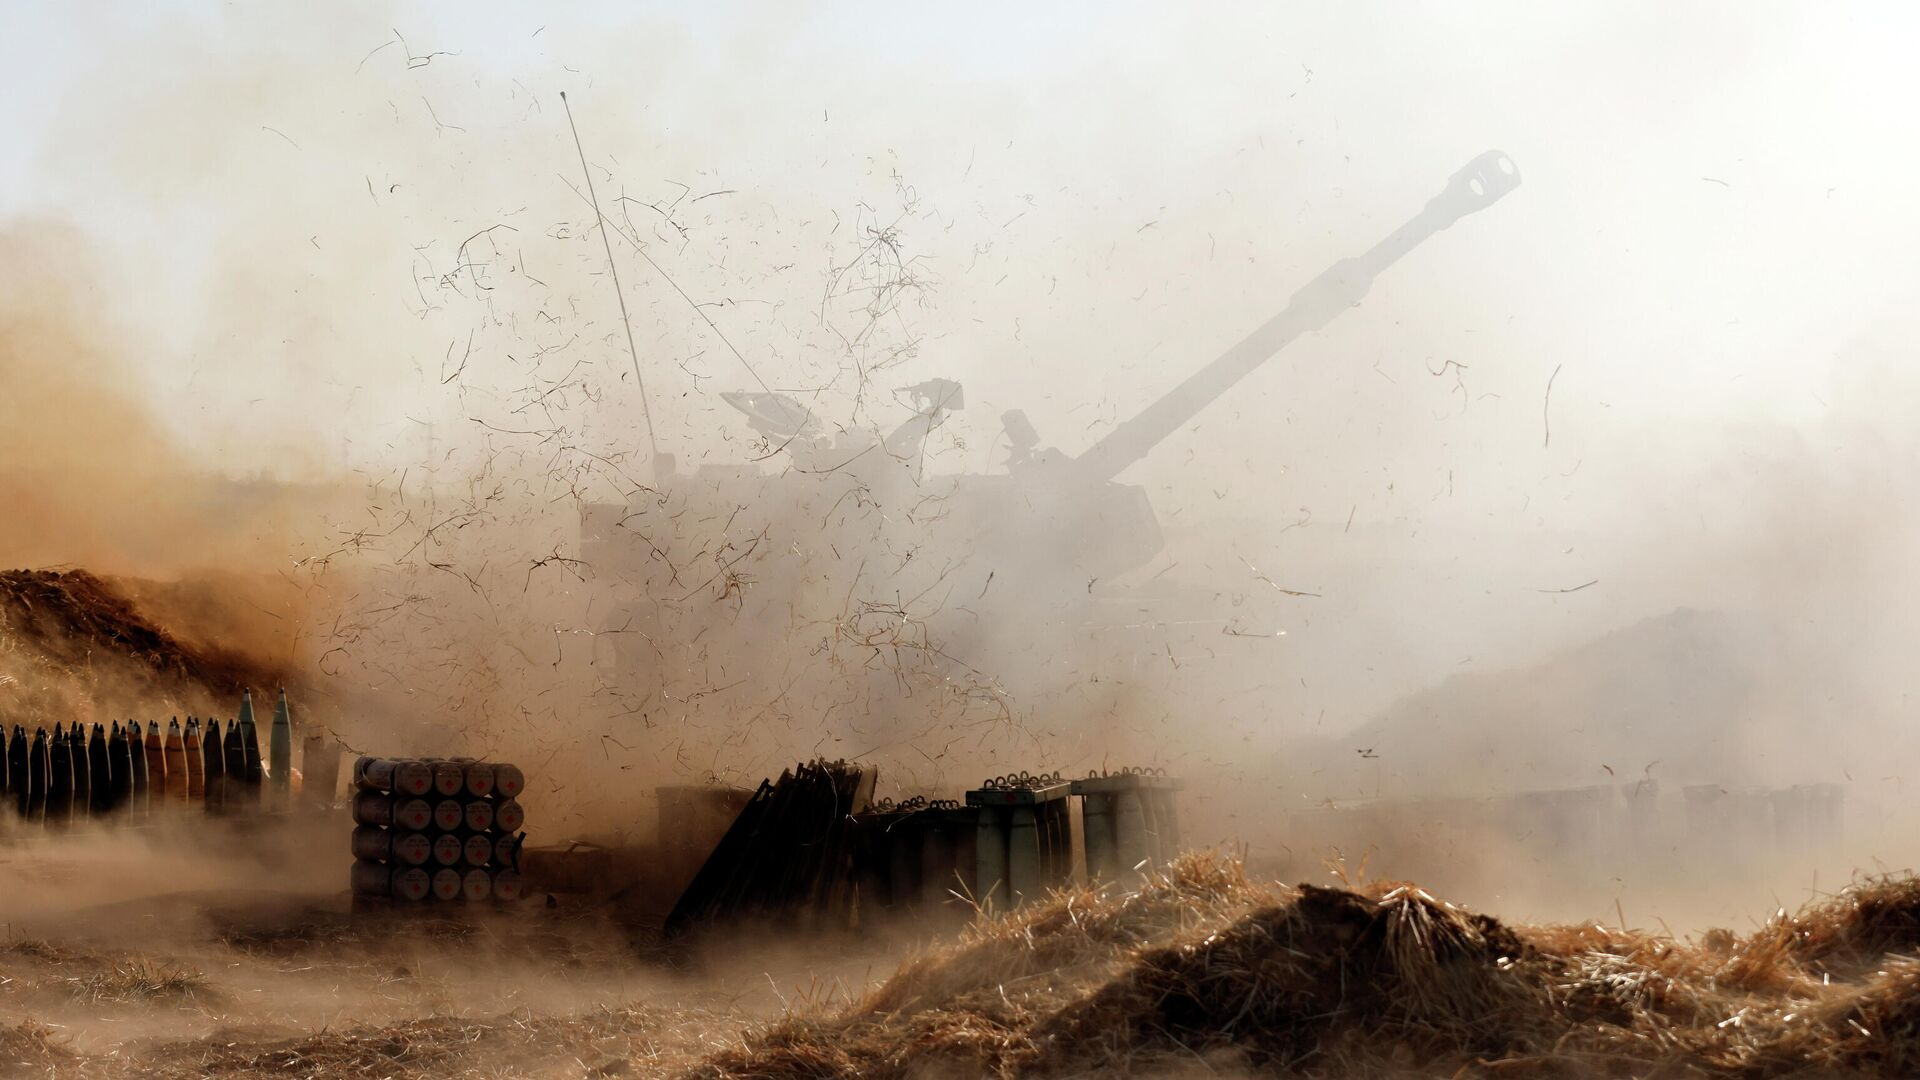 La artillería israelí dispara cerca de la frontera entre Israel y la Franja de Gaza, el 12 de mayo de 2021 - Sputnik Mundo, 1920, 13.05.2021